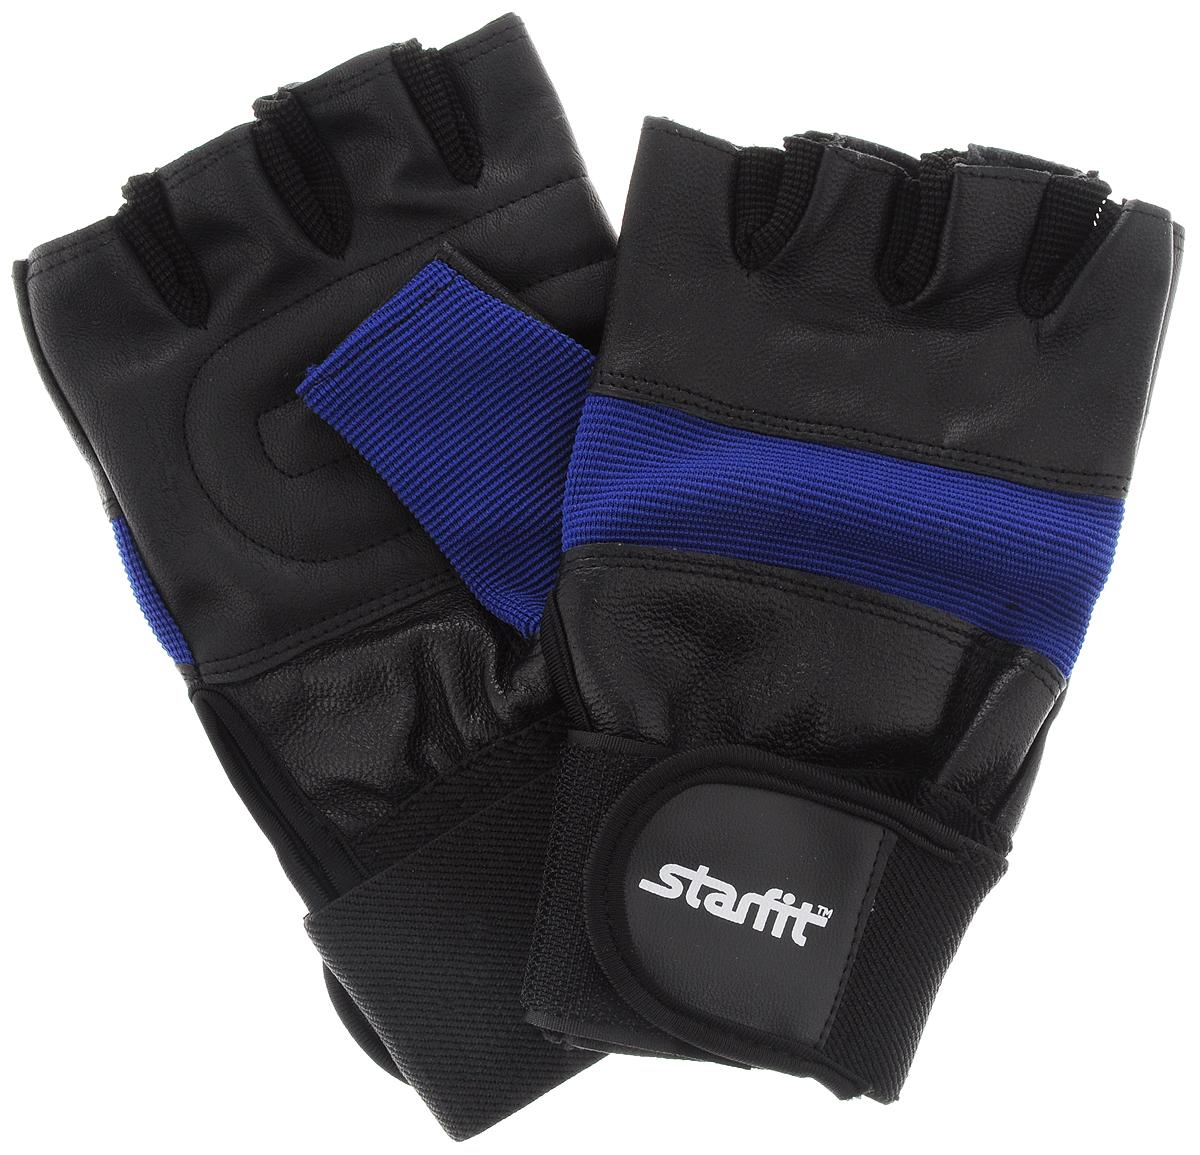 Перчатки атлетические Starfit SU-109, цвет: синий, черный. Размер LУТ-00008328Атлетические перчатки Star Fit SU-109 -это модель с поддержкой запястья. Онинеобходимы для безопасной тренировки со снарядами (грифы, гантели), во время подтягиваний и отжиманий.Перчатки минимизируют риск мозолей и ссадин на ладонях. Перчатки выполнены из нейлона, искусственной кожи, полиэстера и эластана. В рабочей части имеется вставка из тонкого поролона, обеспечивающего комфорт при тренировках.Размер перчатки (без учета большого пальца): 19 х 10,8 см.